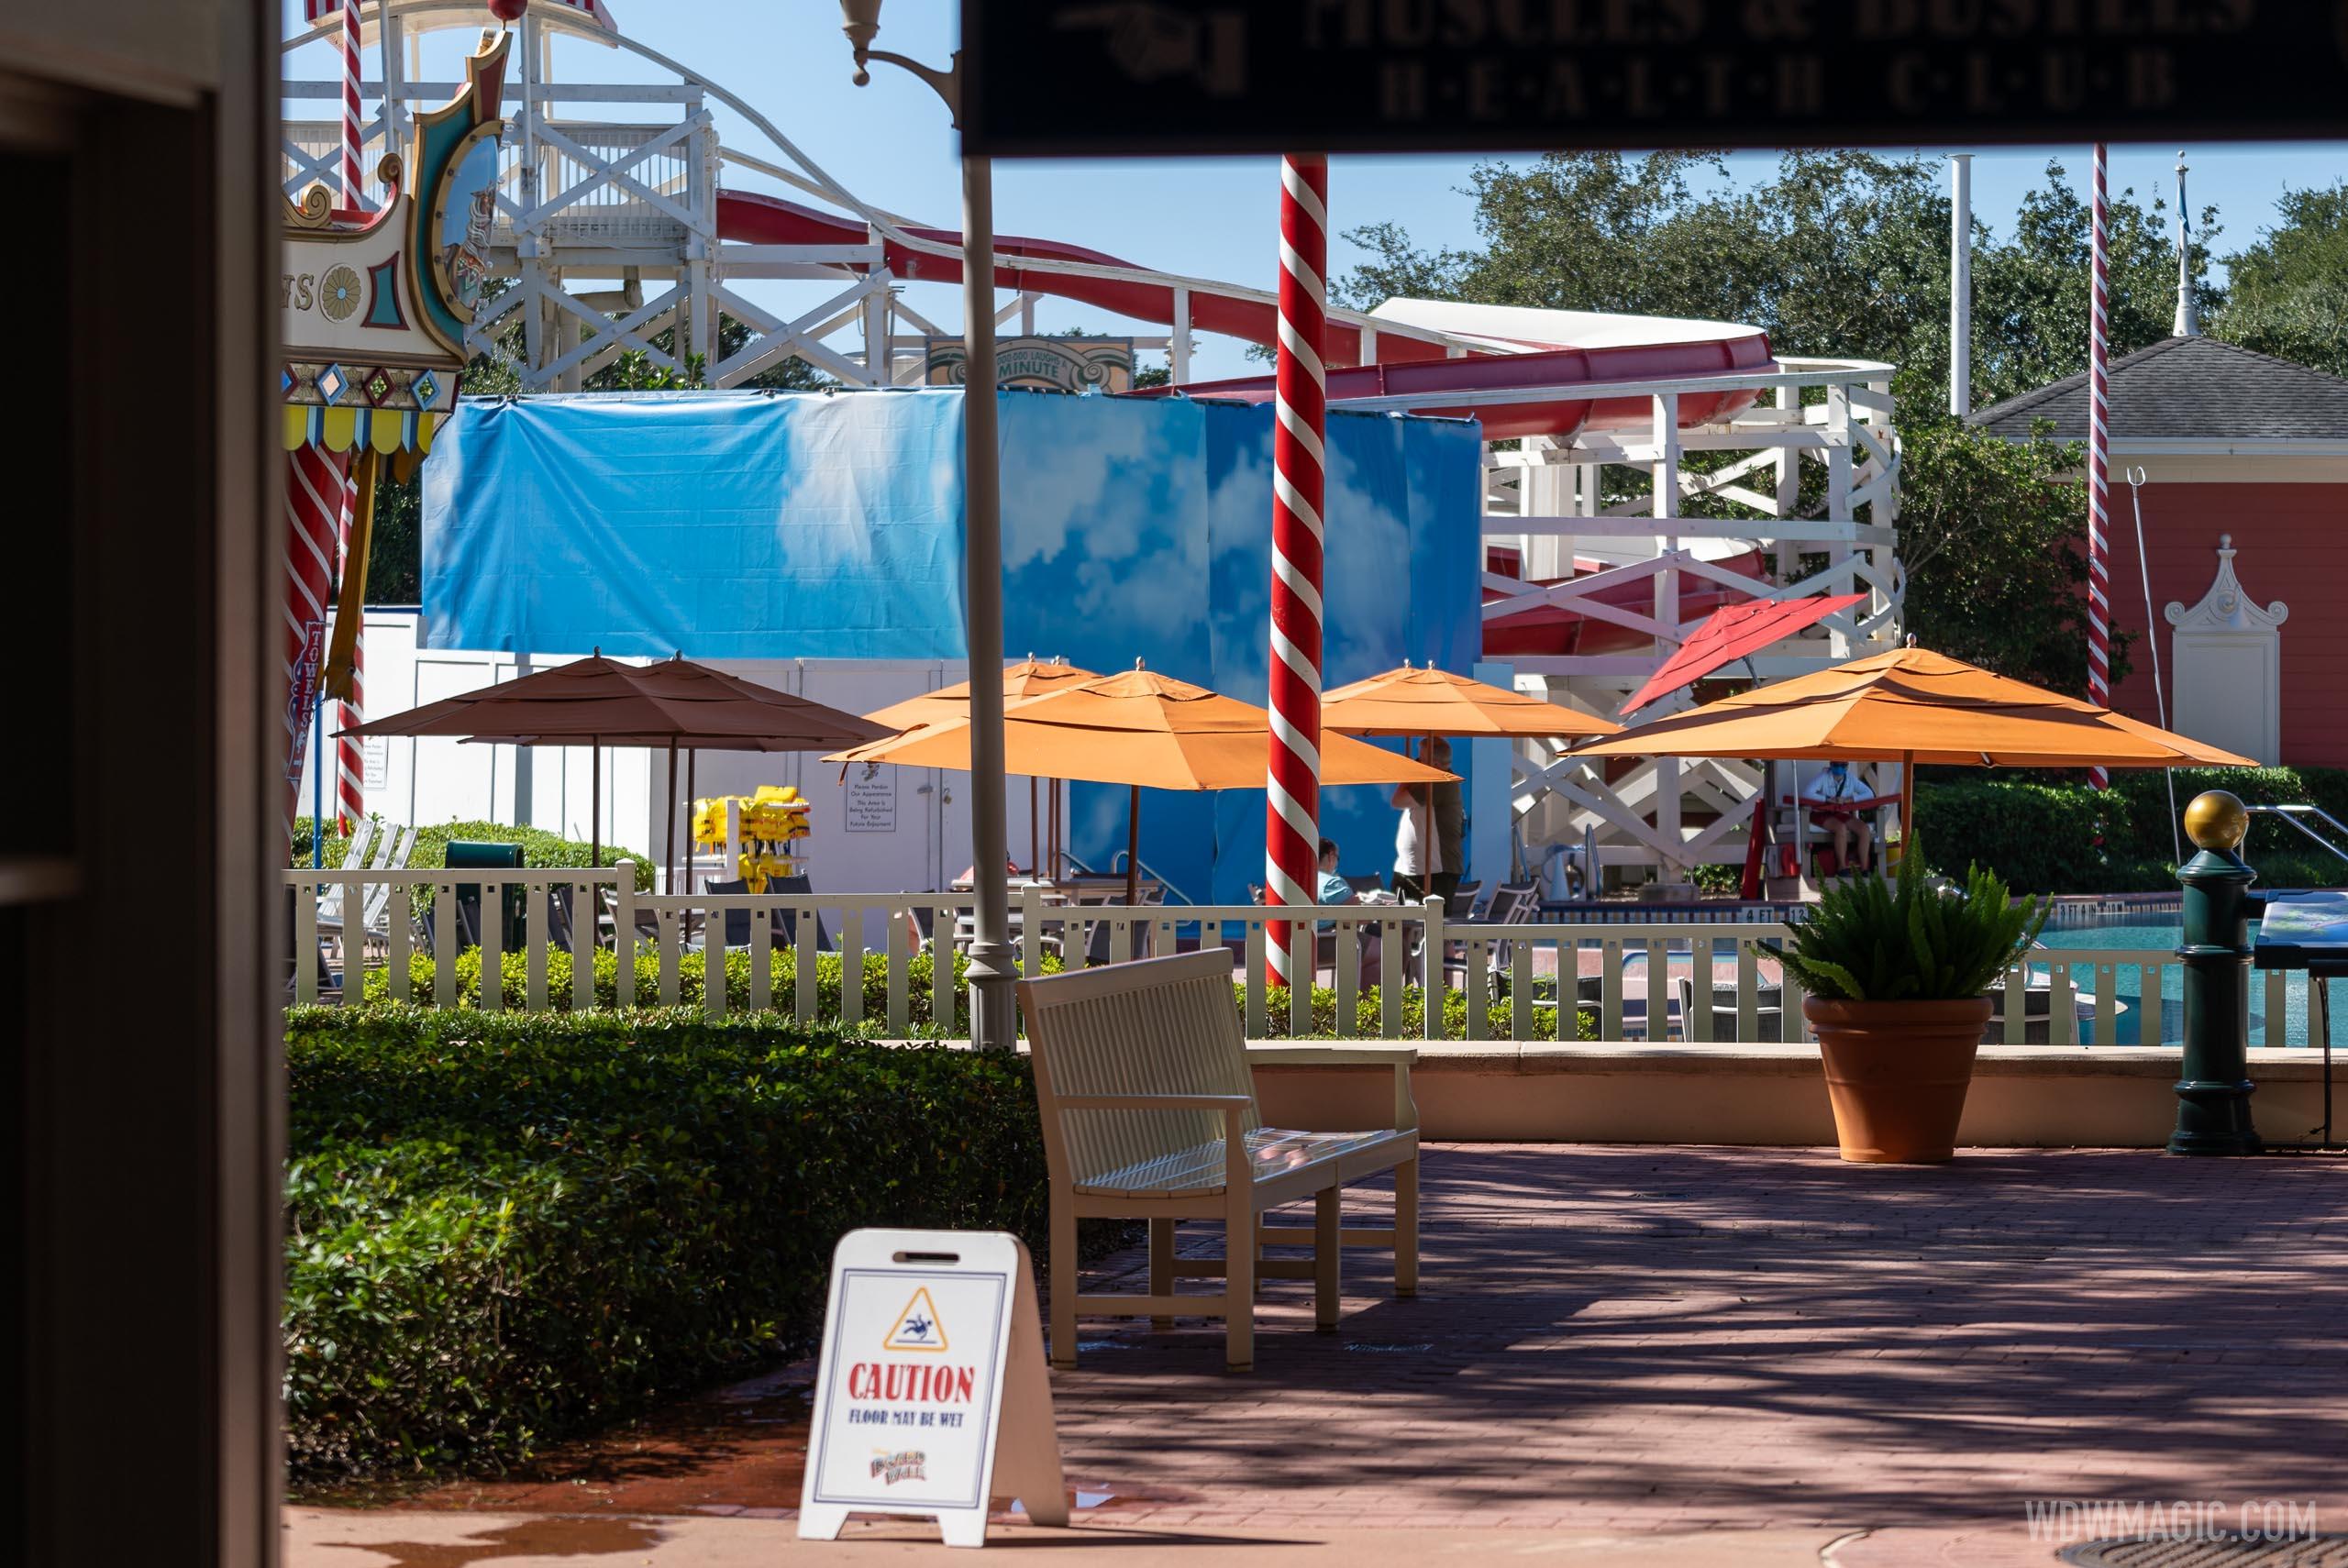 New look Luna Park water slide sneak peek